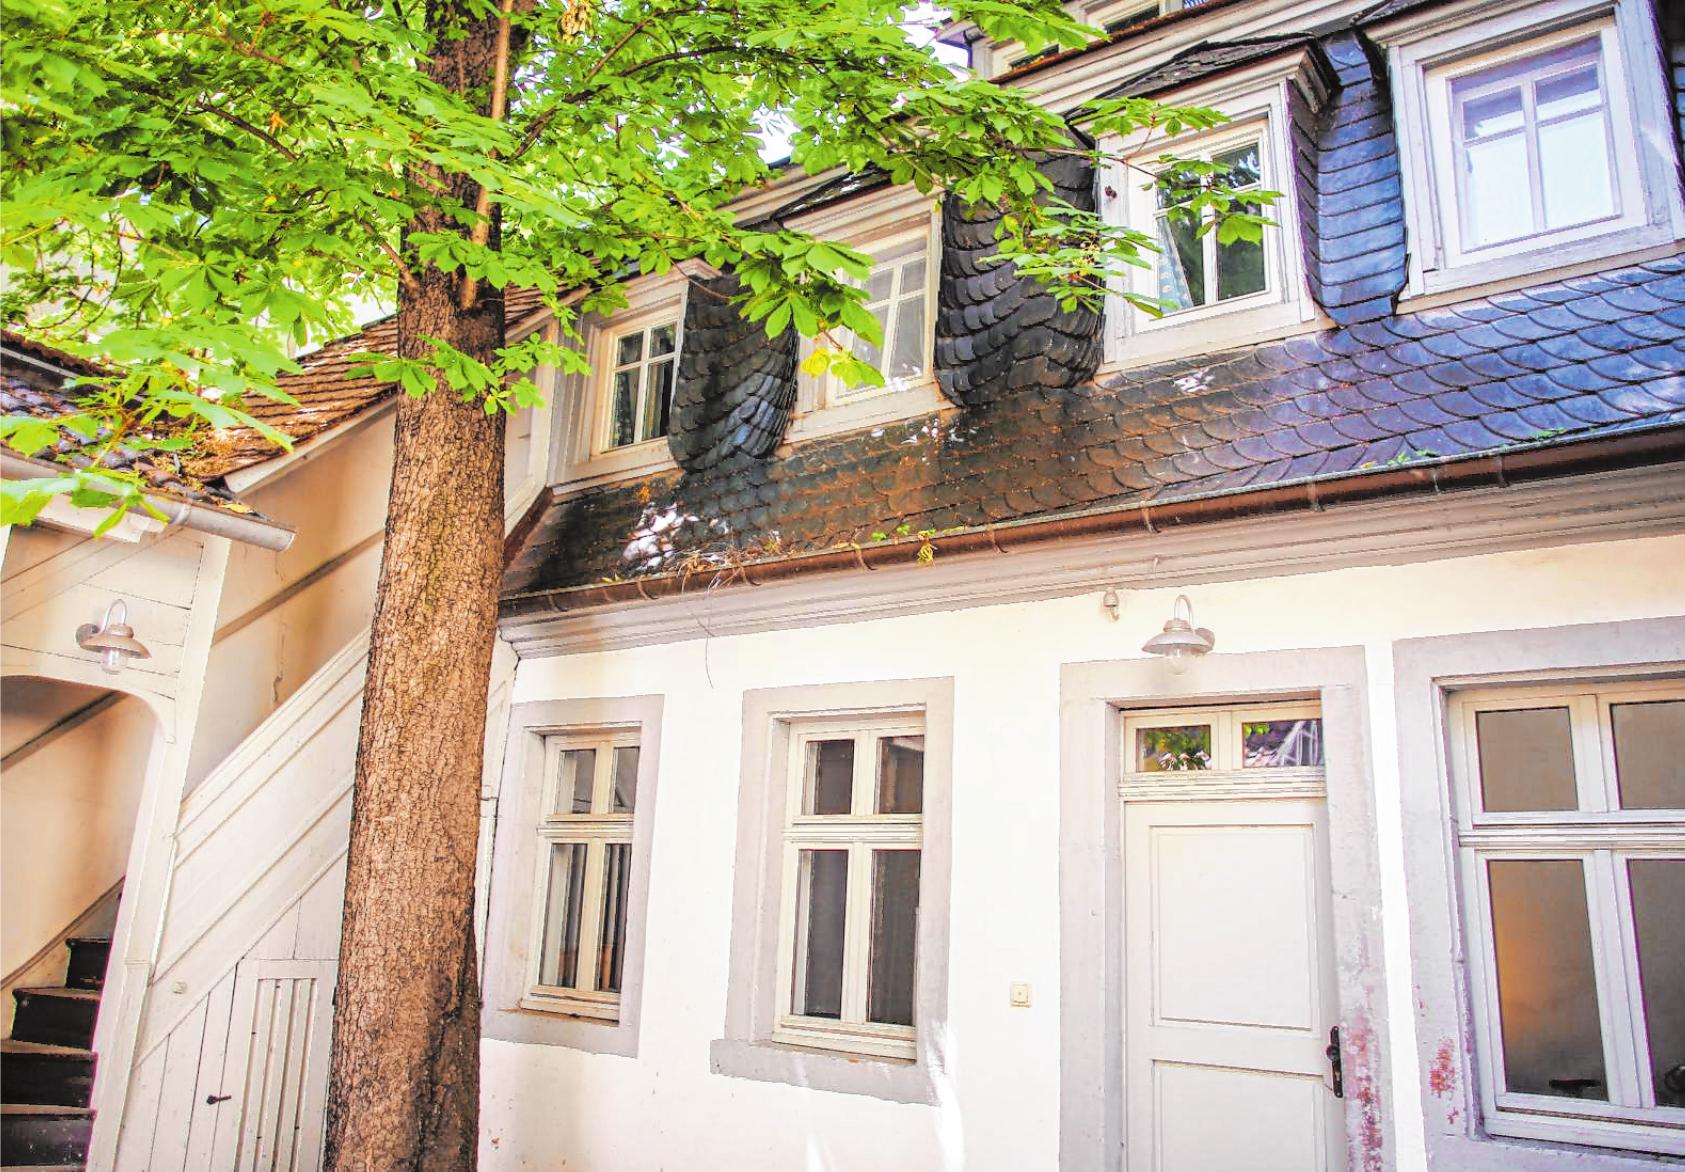 Nebenan, in B 5, 8, hat er in genau solch einem Haus zuletzt gelebt – das Anwesen steht jedoch nicht mehr. Dieses Haus in B 5, 7 erinnert als Museum Schillerhaus an das Wirken des Dichters in Mannheim. BILDER: PROSSWITZ